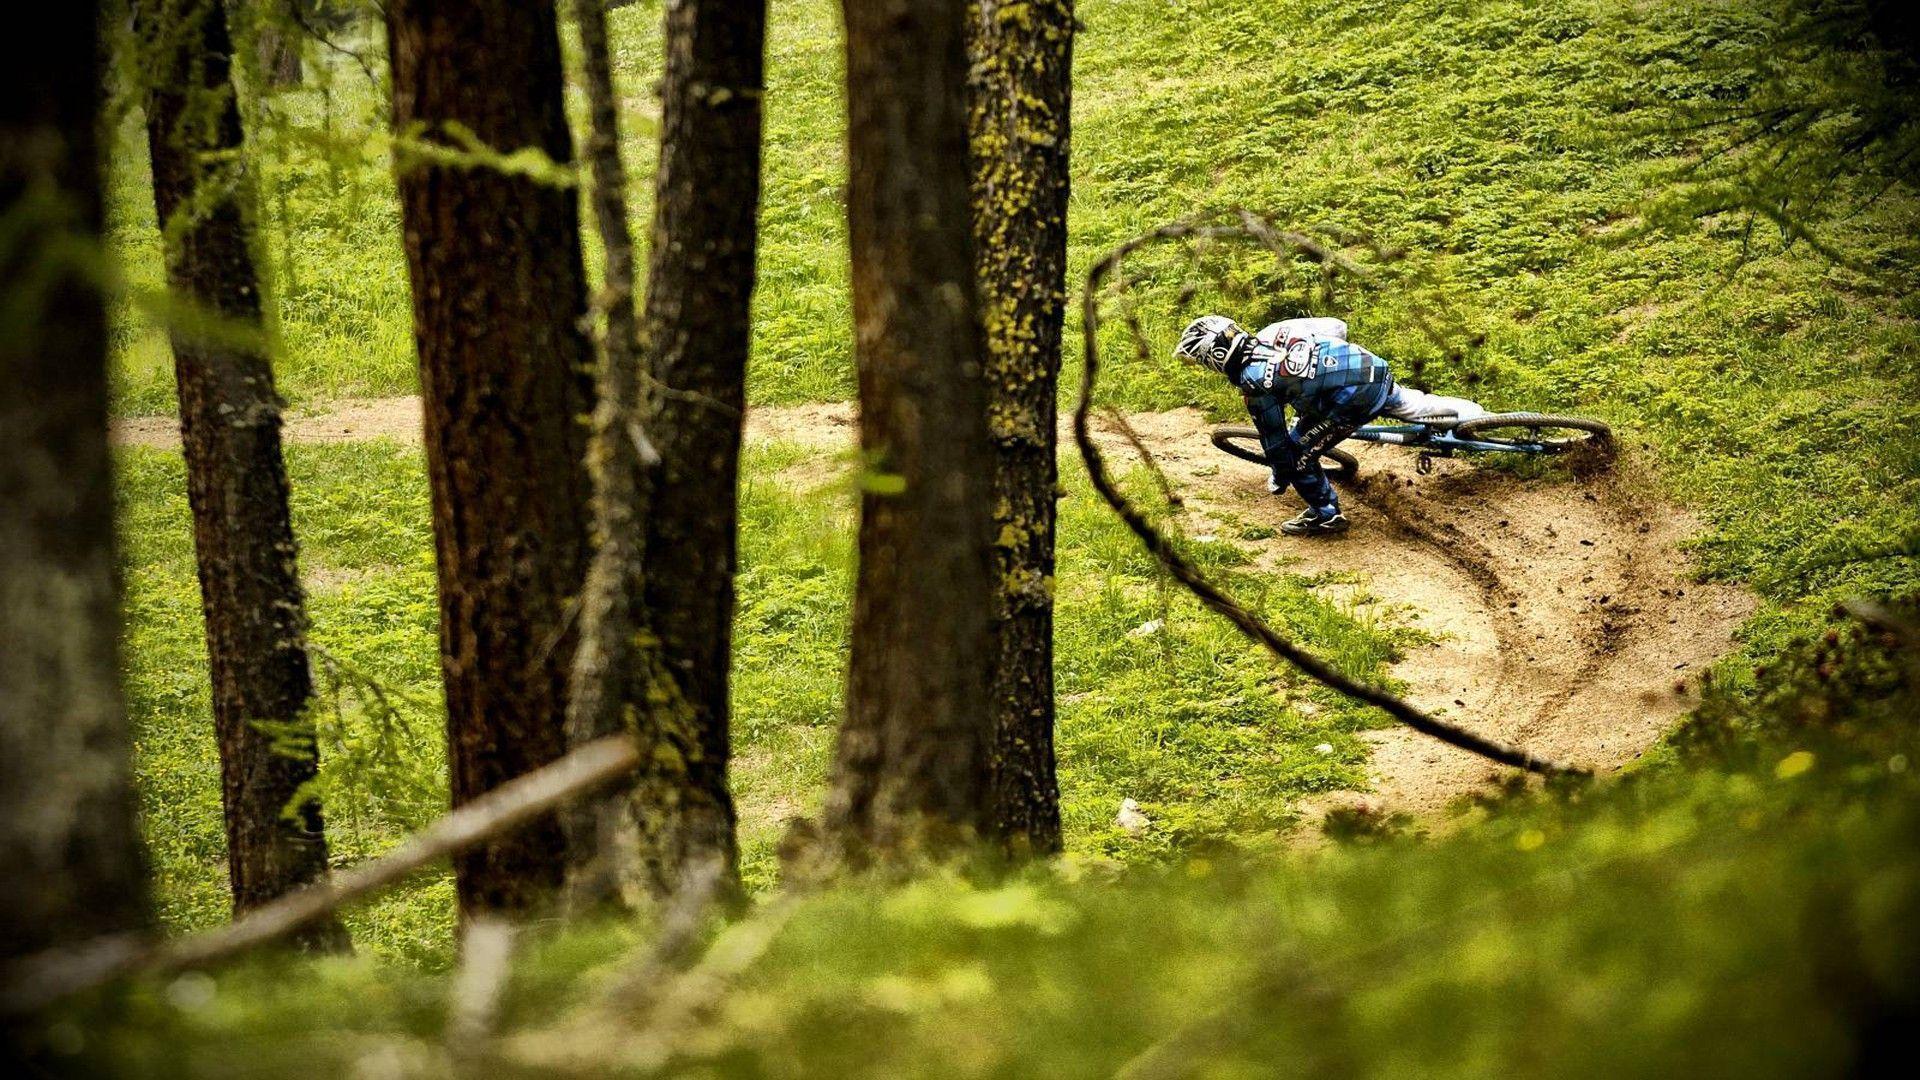 Fonds Decran Mountain Bike Tous Les Wallpapers